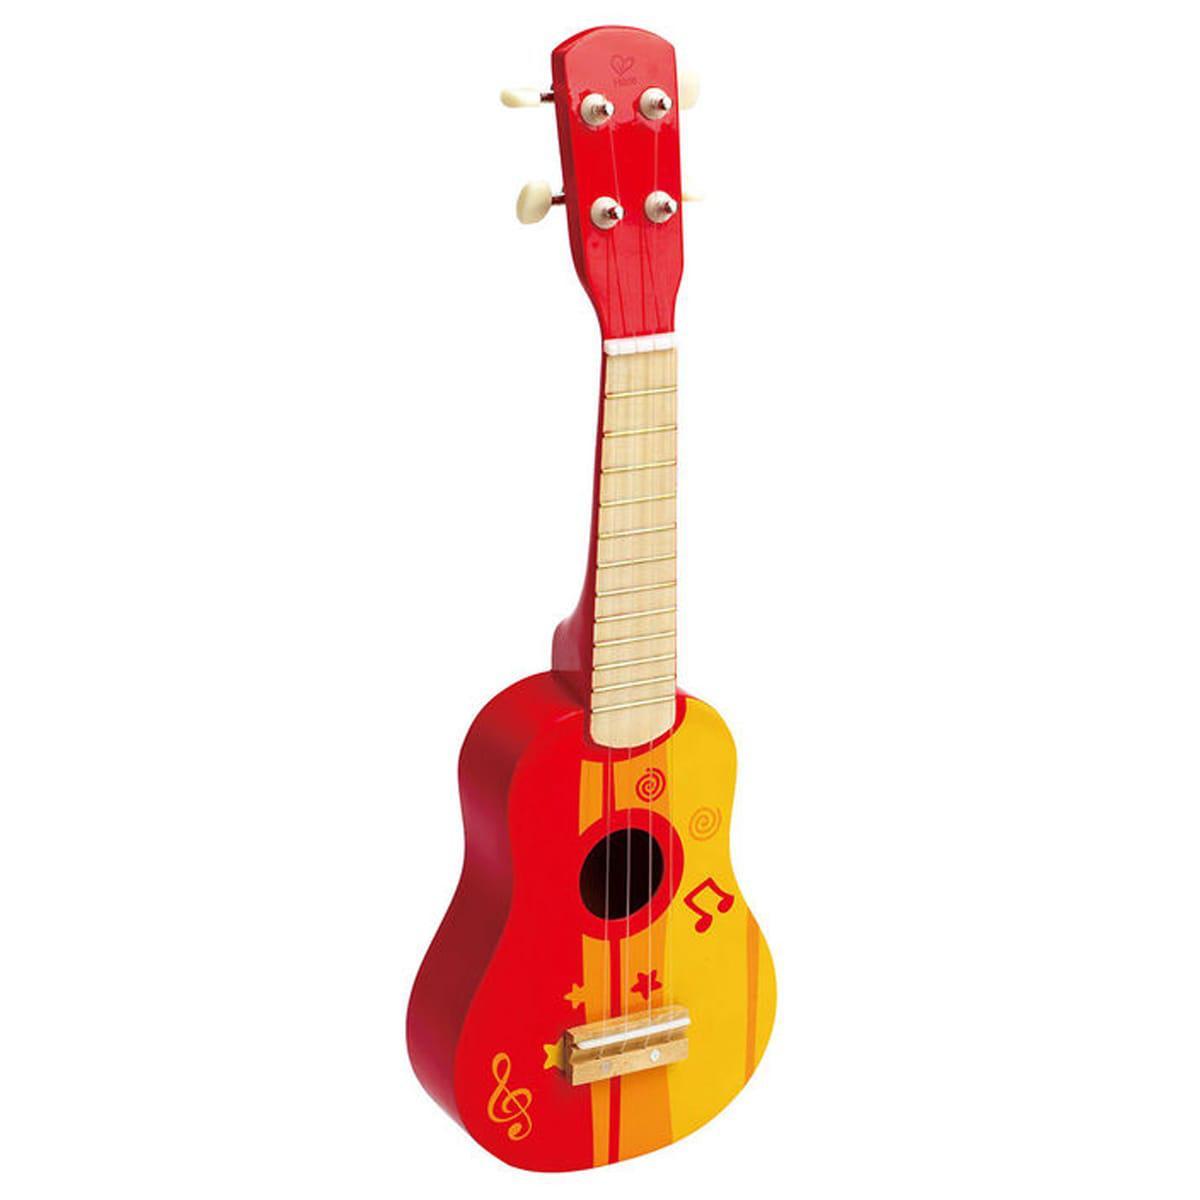 UKULELE by Hape Guitare en bois rouge